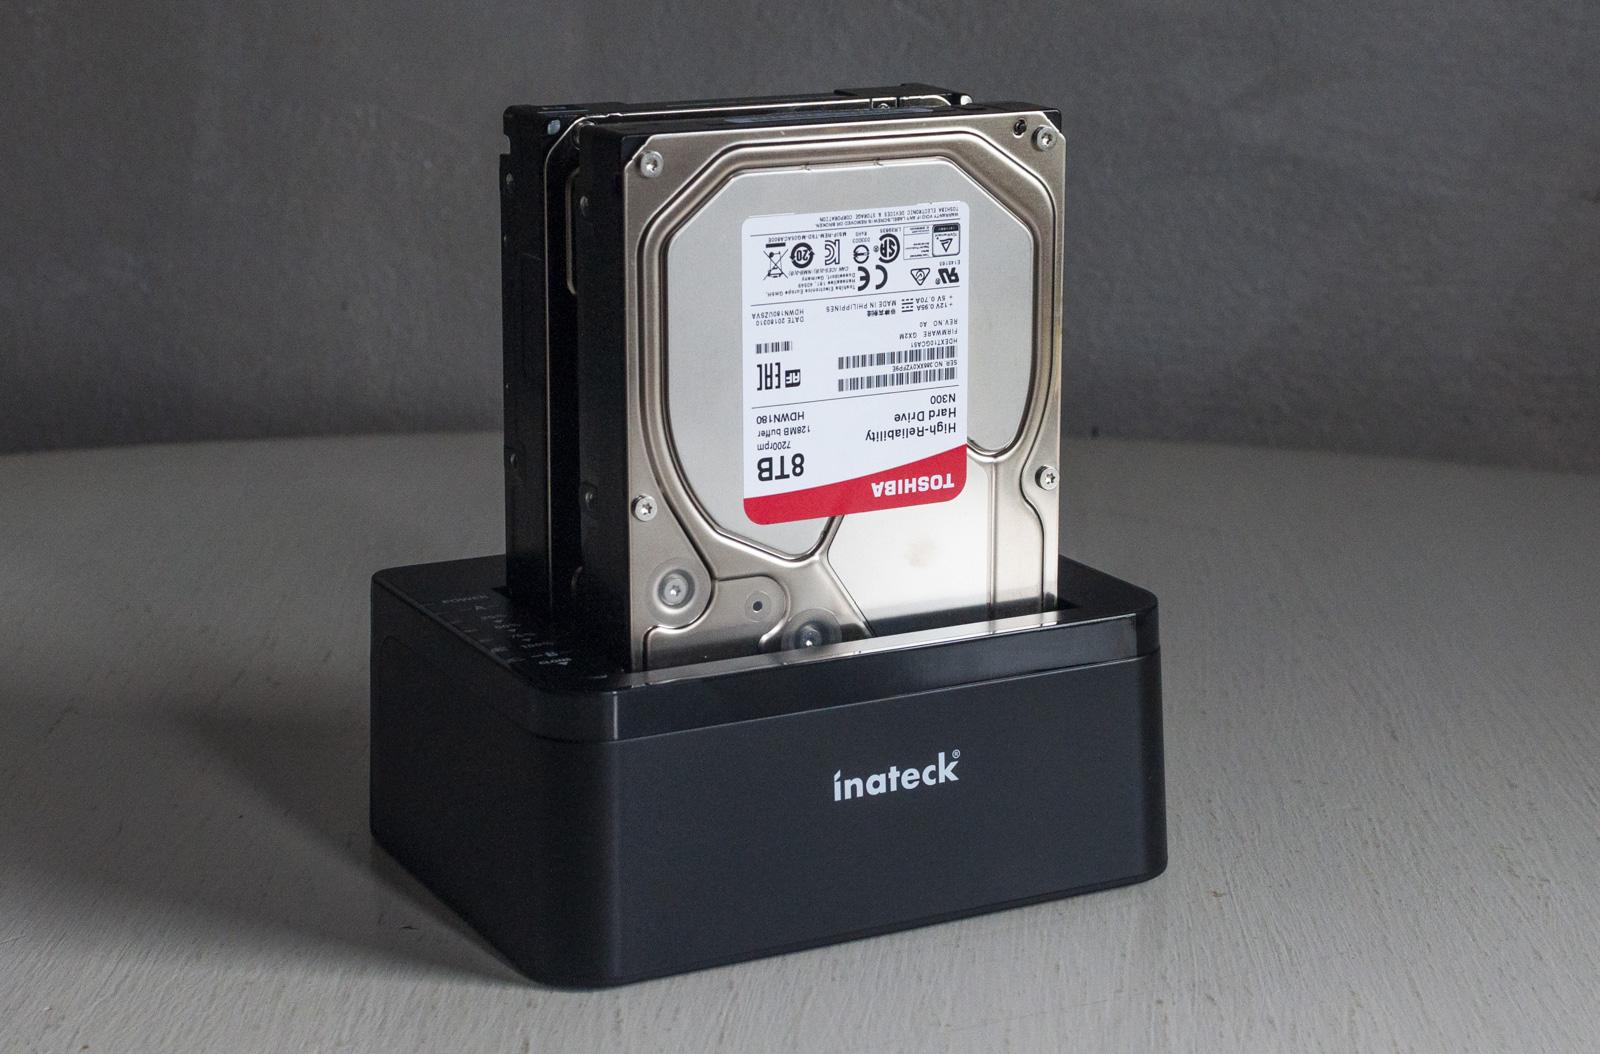 Recensione Inateck Docking Station, dischi sempre a posto anche senza Mac